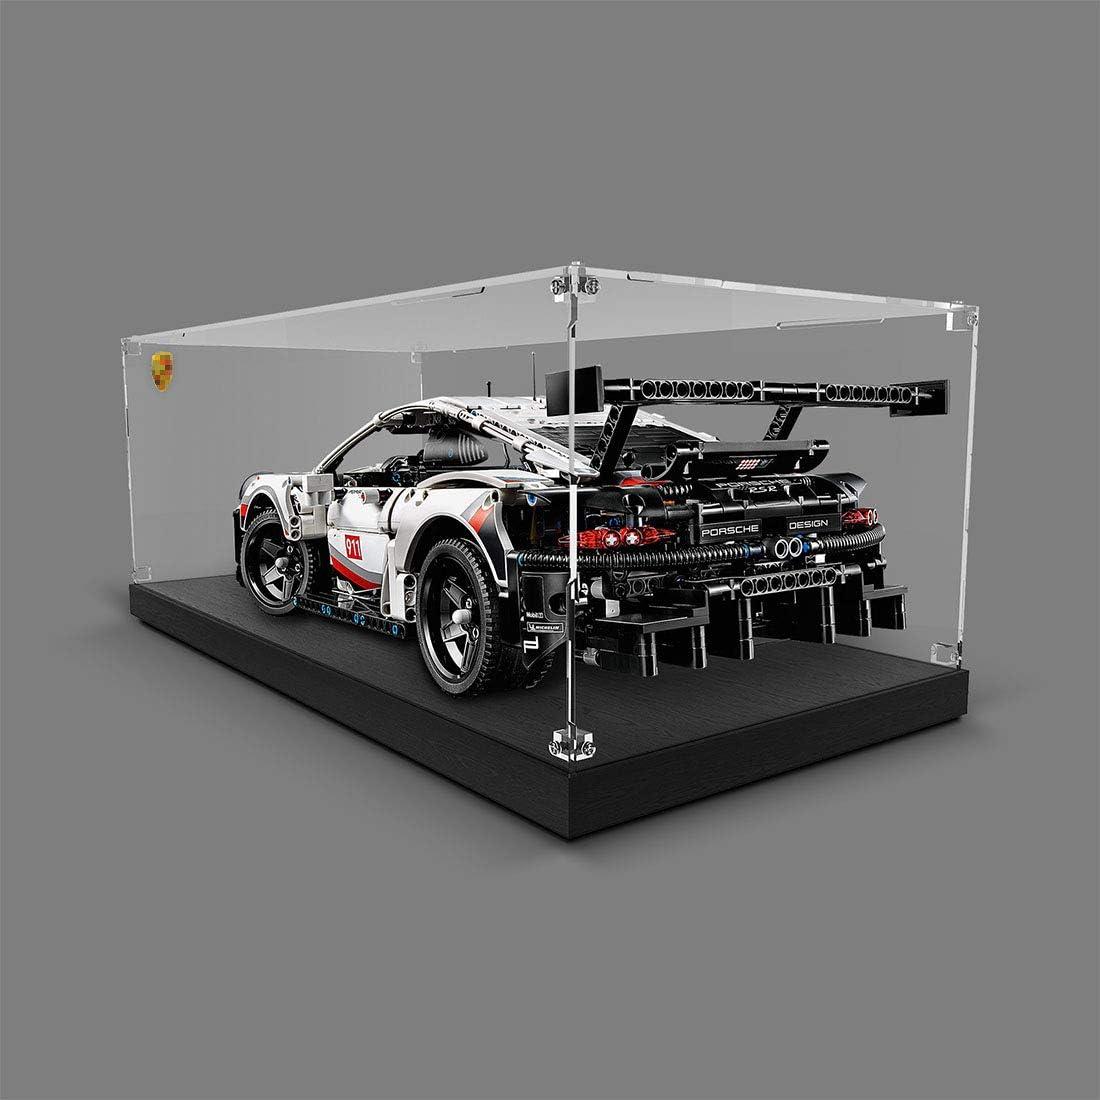 Ohne Modell Kit Giplar Acryl Vitrine Kompatibel Mit Lego 42096 Technic Porsche 911 RSR Showcase Display Case Haudstaub Gesch/ützt Schaukasten